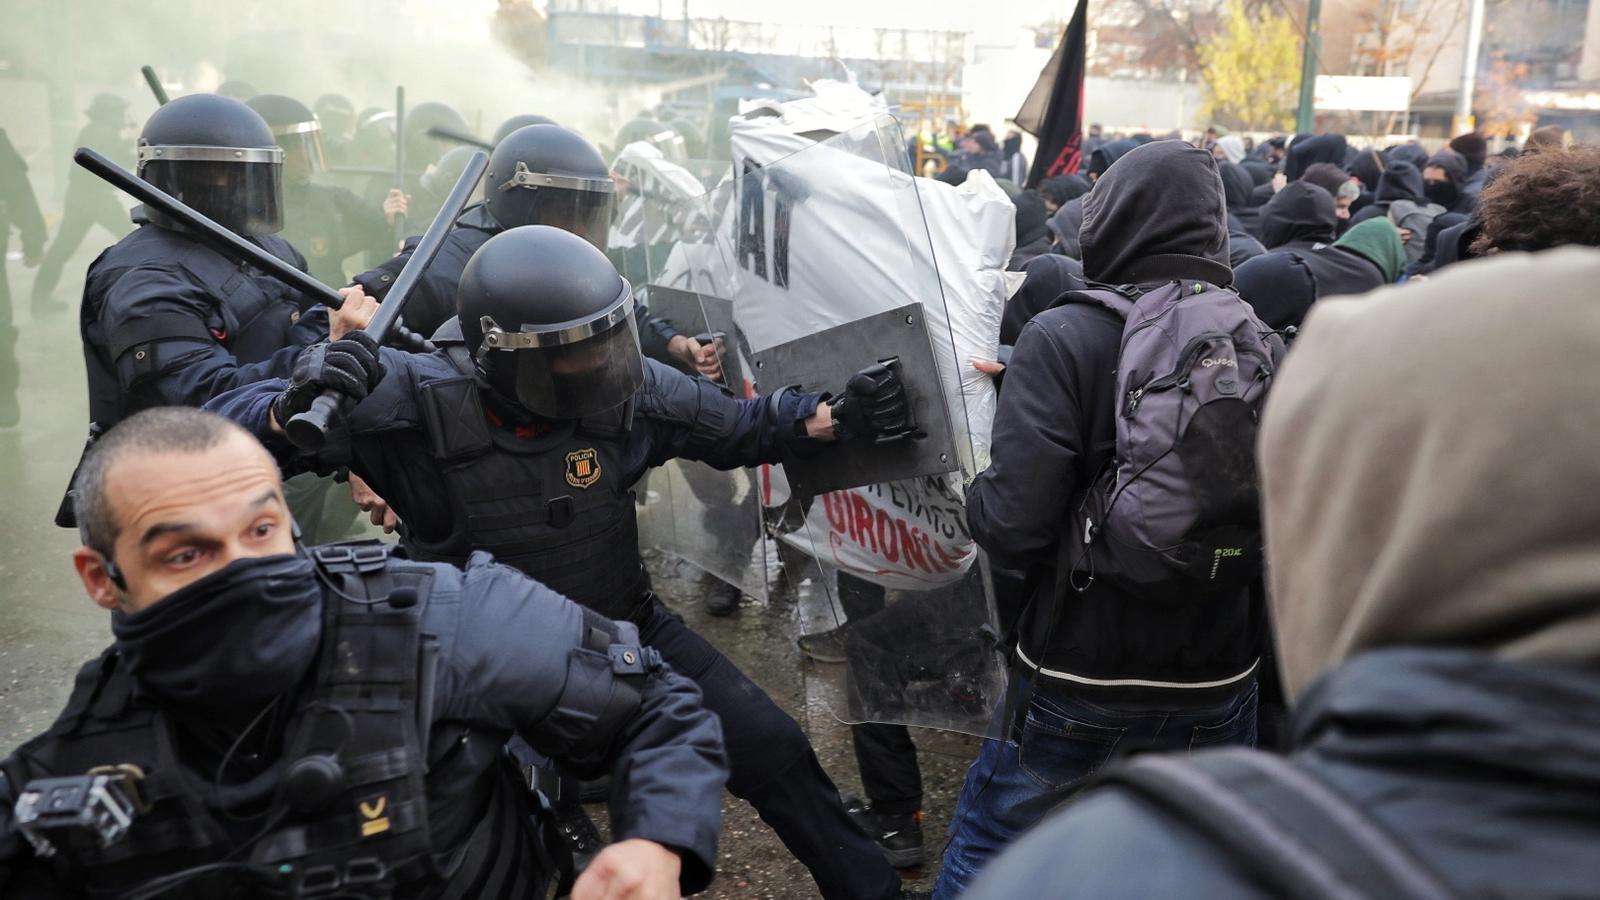 Carregues policials a Girona durant la manifestació antifeixista a la plaça 1 d'Octubre